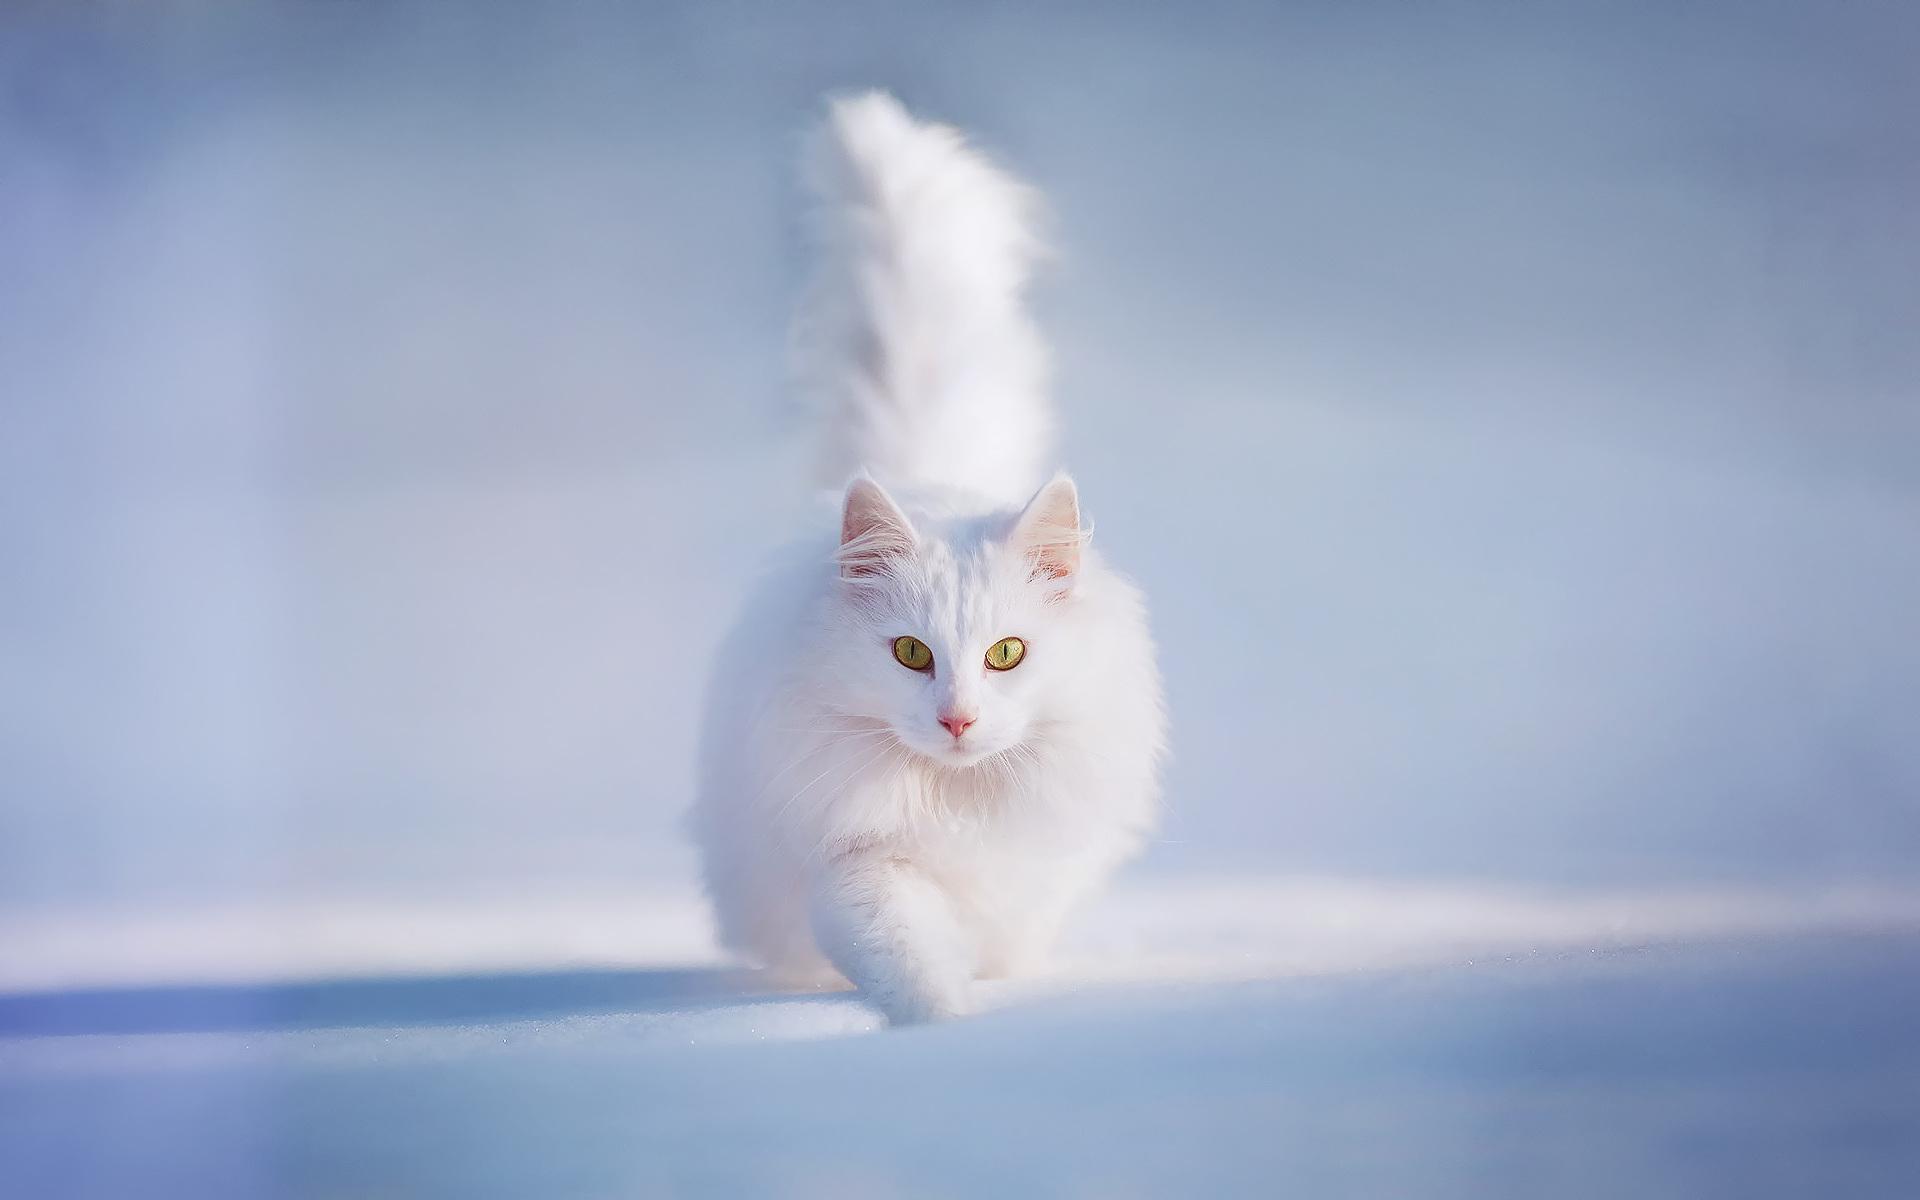 белый кот в снегу